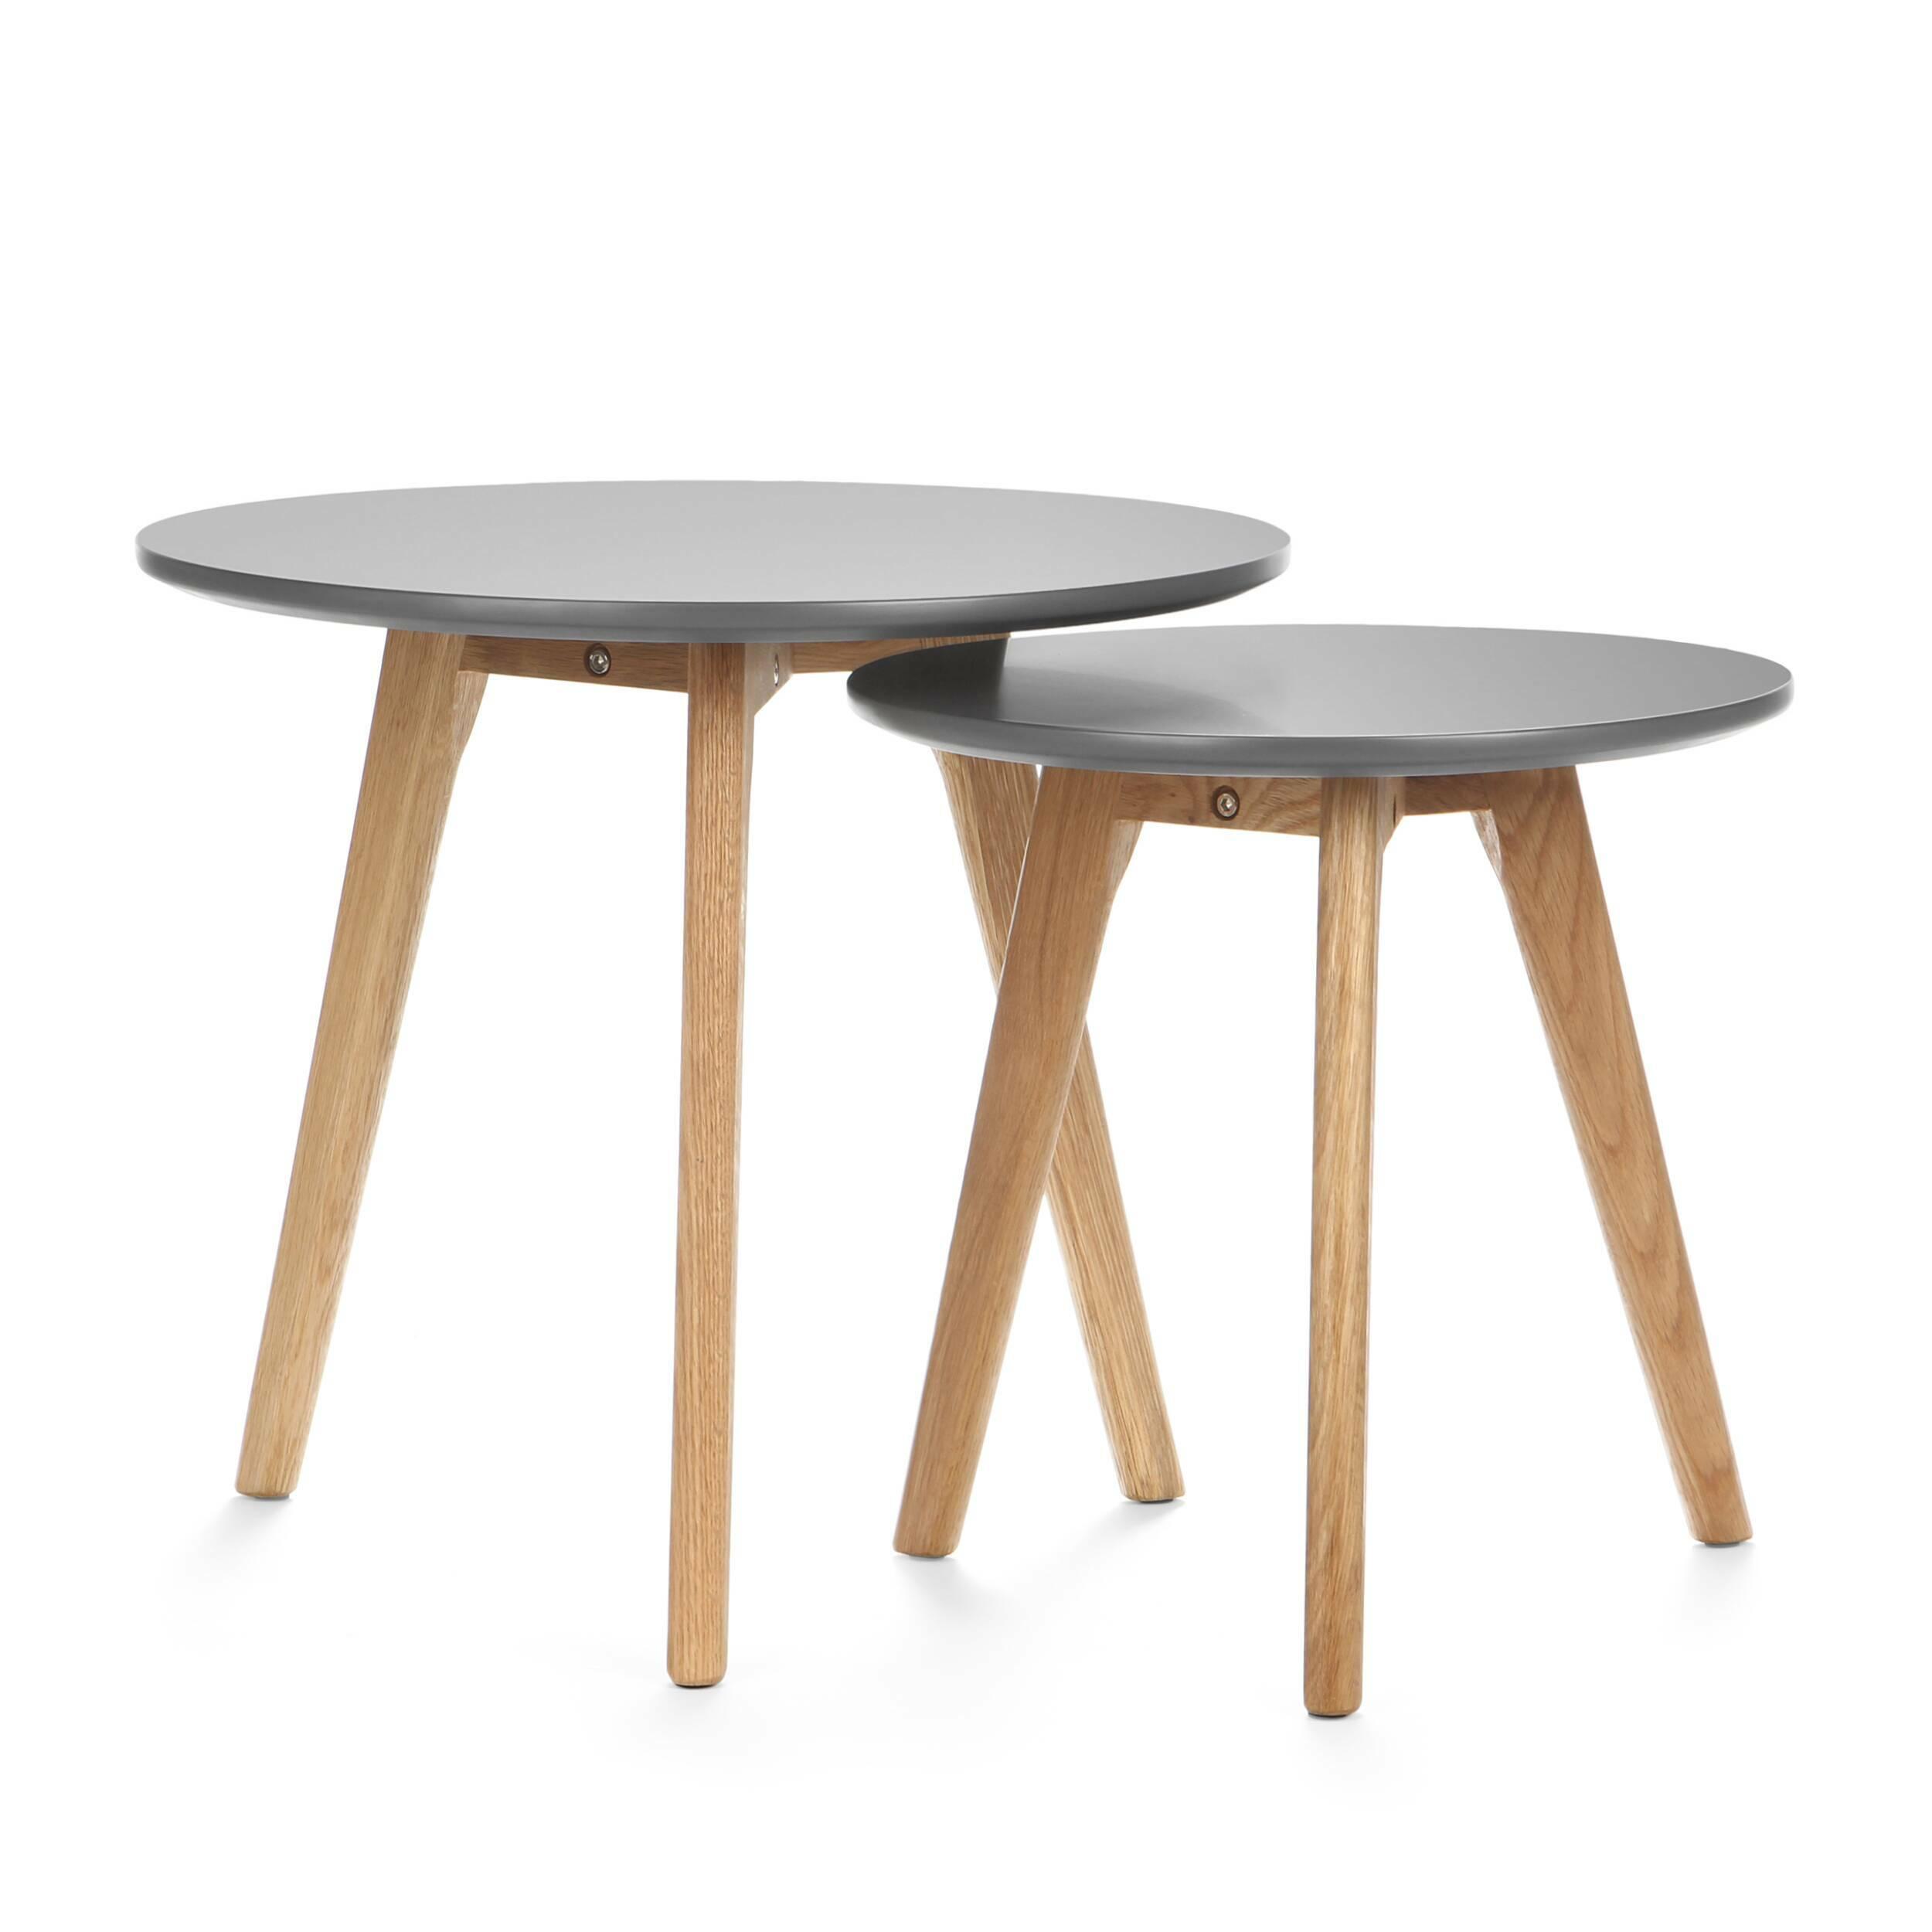 Набор кофейных столов DaisyКофейные столики<br>Дизайнерский небольшой кофейный стол Daisy (Дэйзи) с двумя столешницами на деревянных ножках от Cosmo (Космо).<br><br><br> Многим из нас привычно видеть в жилых домах столы-книжки, и едва ли можно представить гостиную нулевых без нее. Он был компактным решением для трапез в больших семьях. Но время идет, и тренды в дизайне интерьера неизбежно меняются. <br><br><br> Компания Cosmo представляет набор оригинальных кофейных столов Dasie. Это отличное решение для тех, кто любит гостей или просмотр ТВ с по...<br><br>stock: 30<br>Высота: 45; 40<br>Диаметр: 50; 40<br>Цвет ножек: Американский белый дуб<br>Цвет столешницы: Серый<br>Материал ножек: Массив дуба<br>Тип материала столешницы: МДФ<br>Тип материала ножек: Дерево